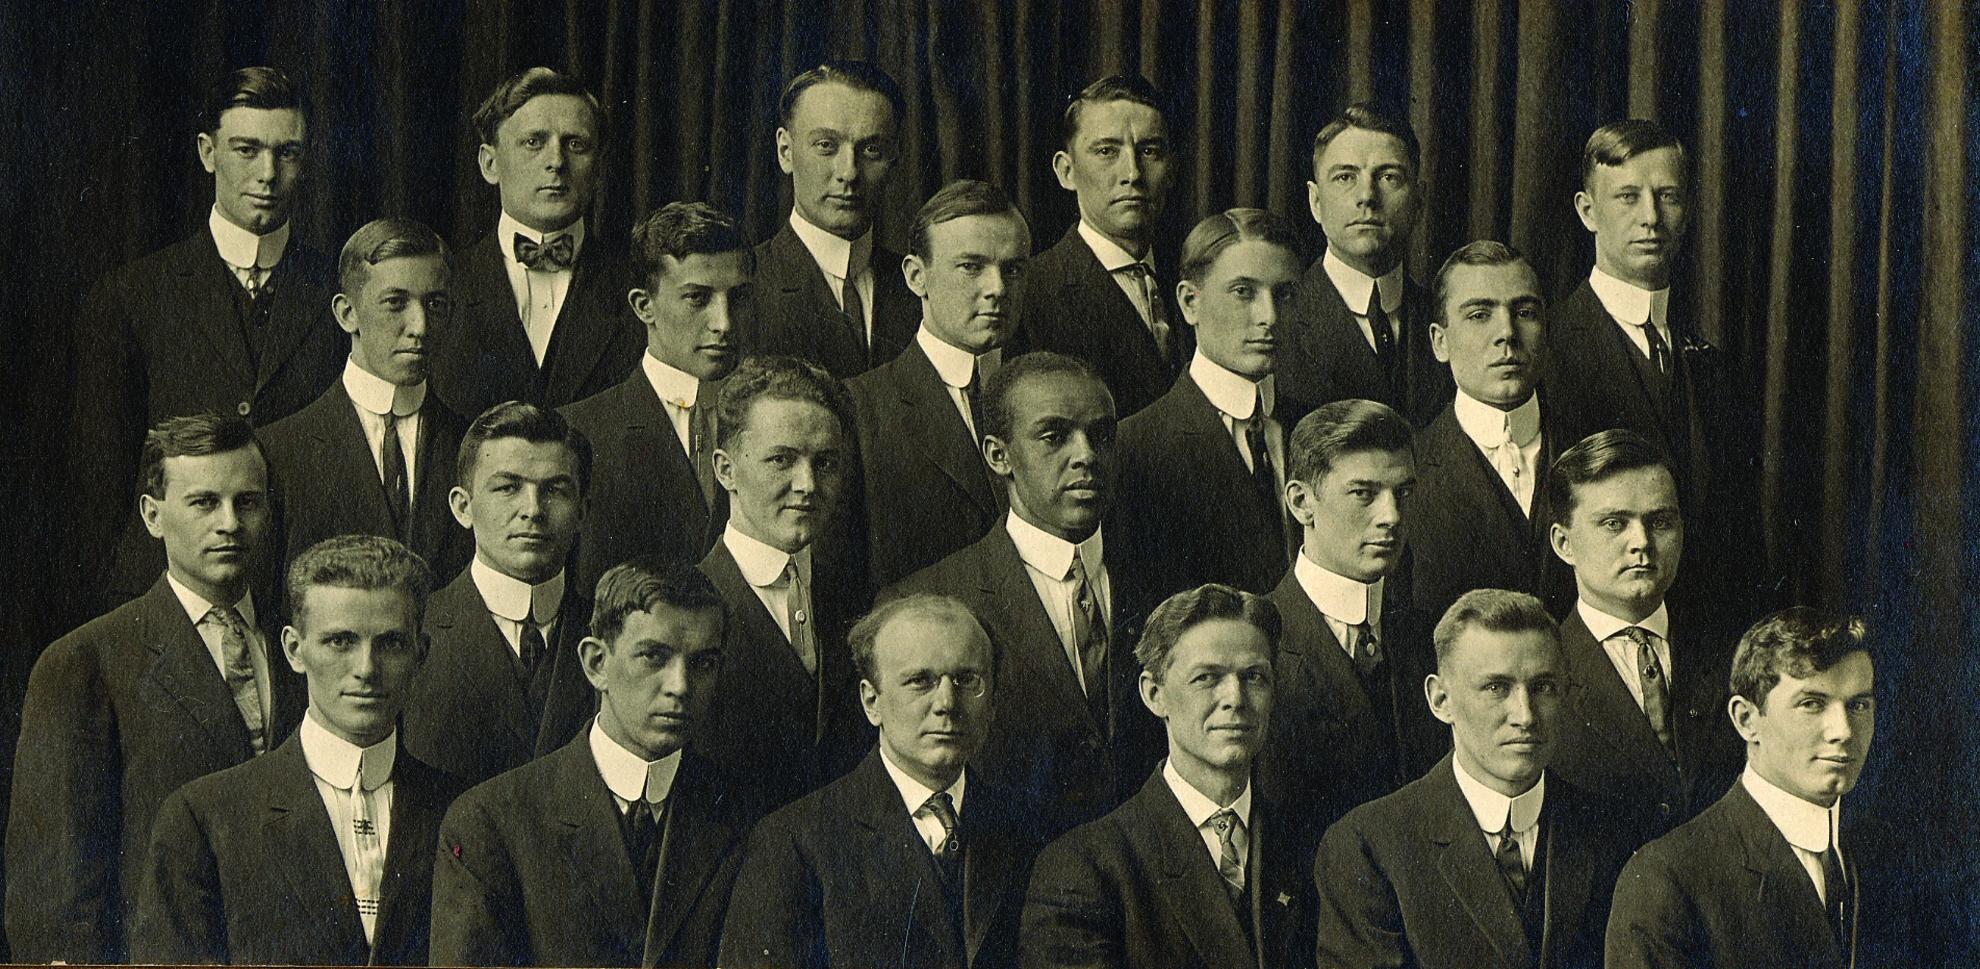 EE Class of 1913